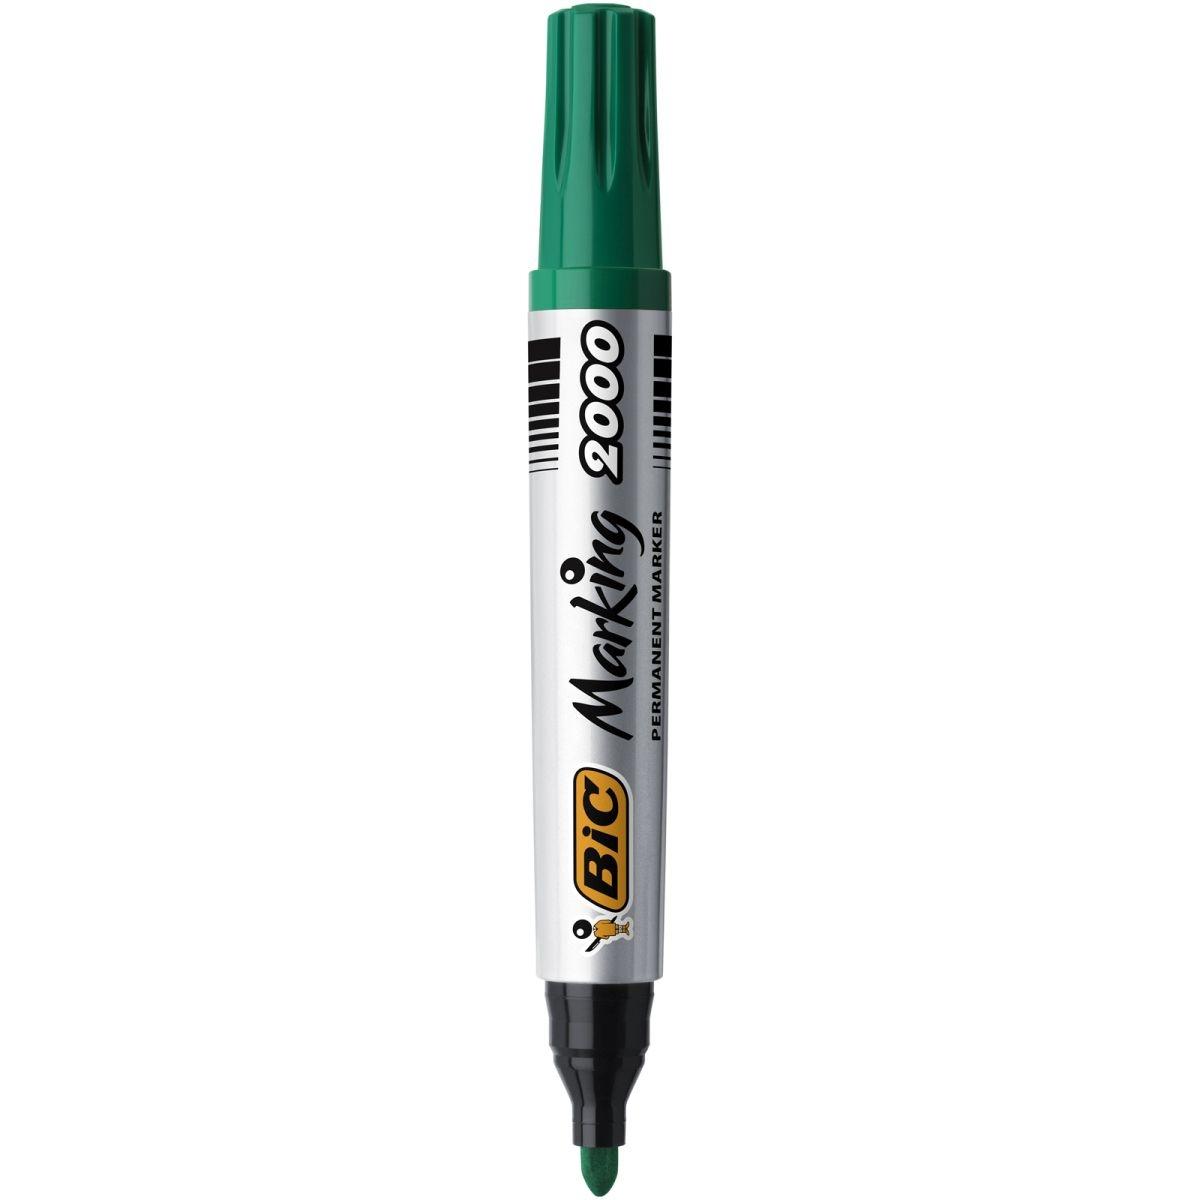 Marker permanentny Bic Marking 2000 - zielony (8209123)